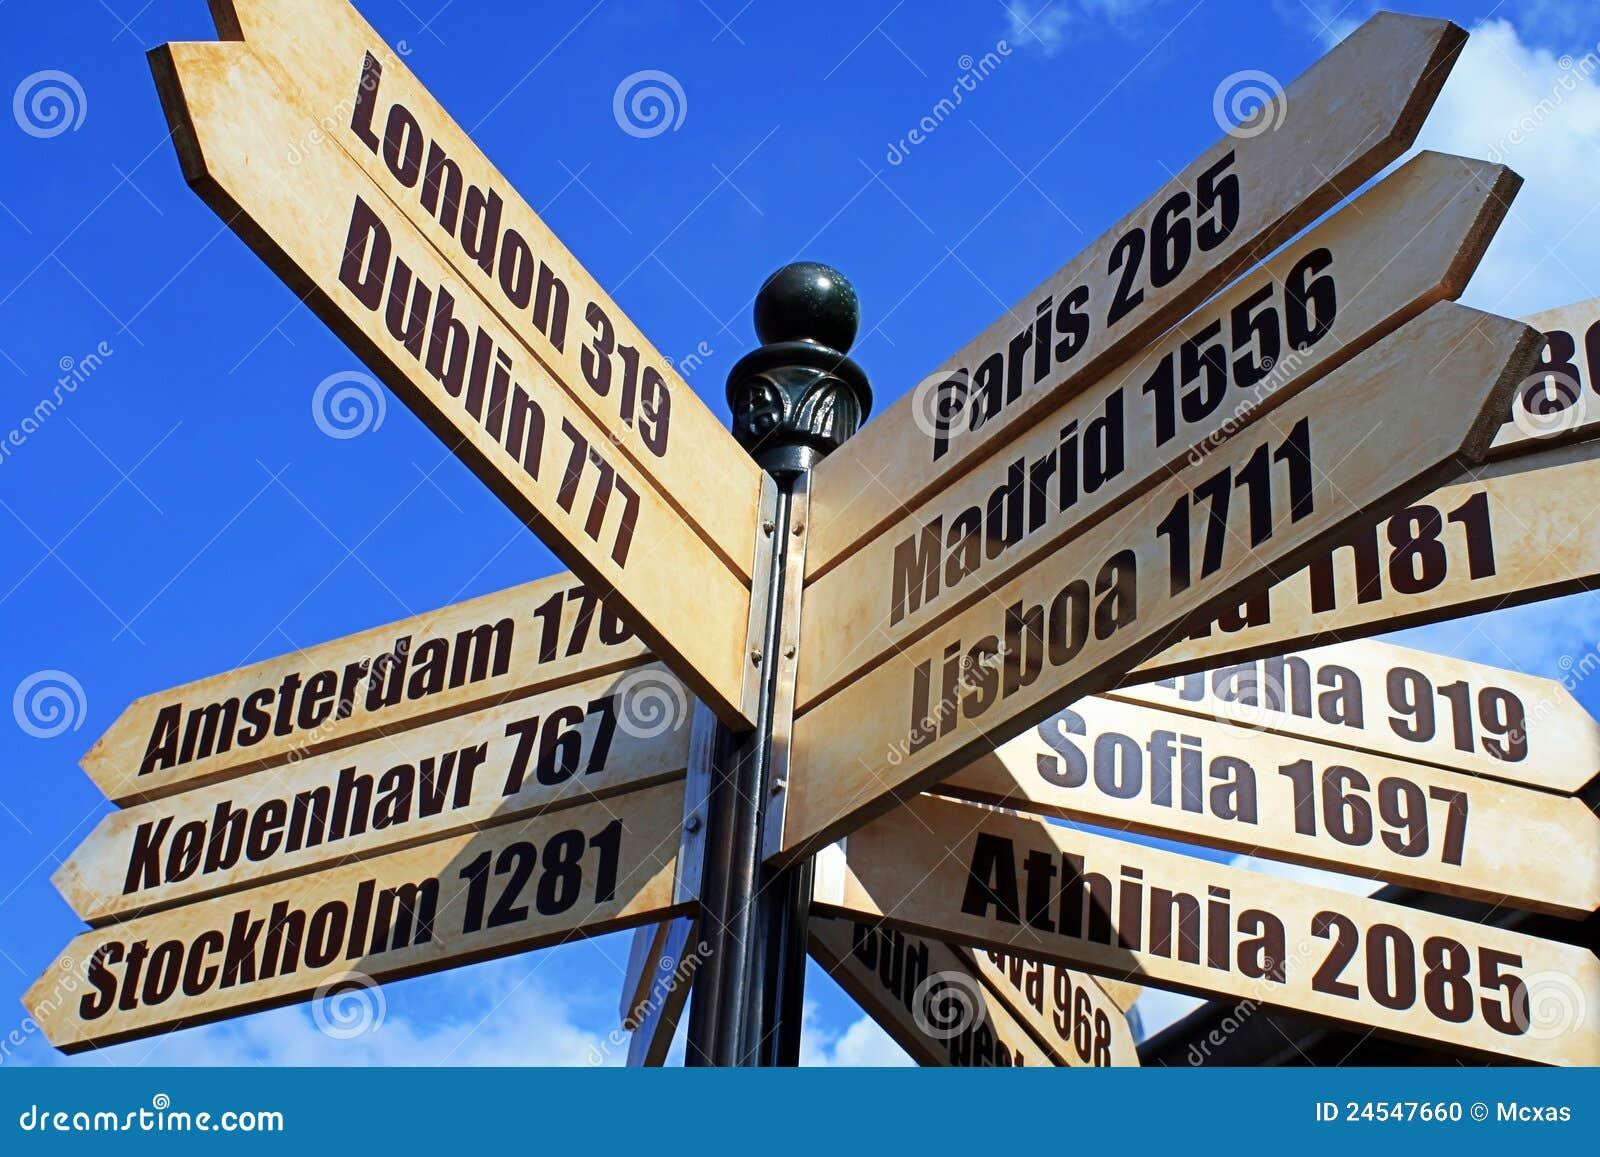 europa stadt reise zeichen stockfoto bild von kompa 24547660. Black Bedroom Furniture Sets. Home Design Ideas